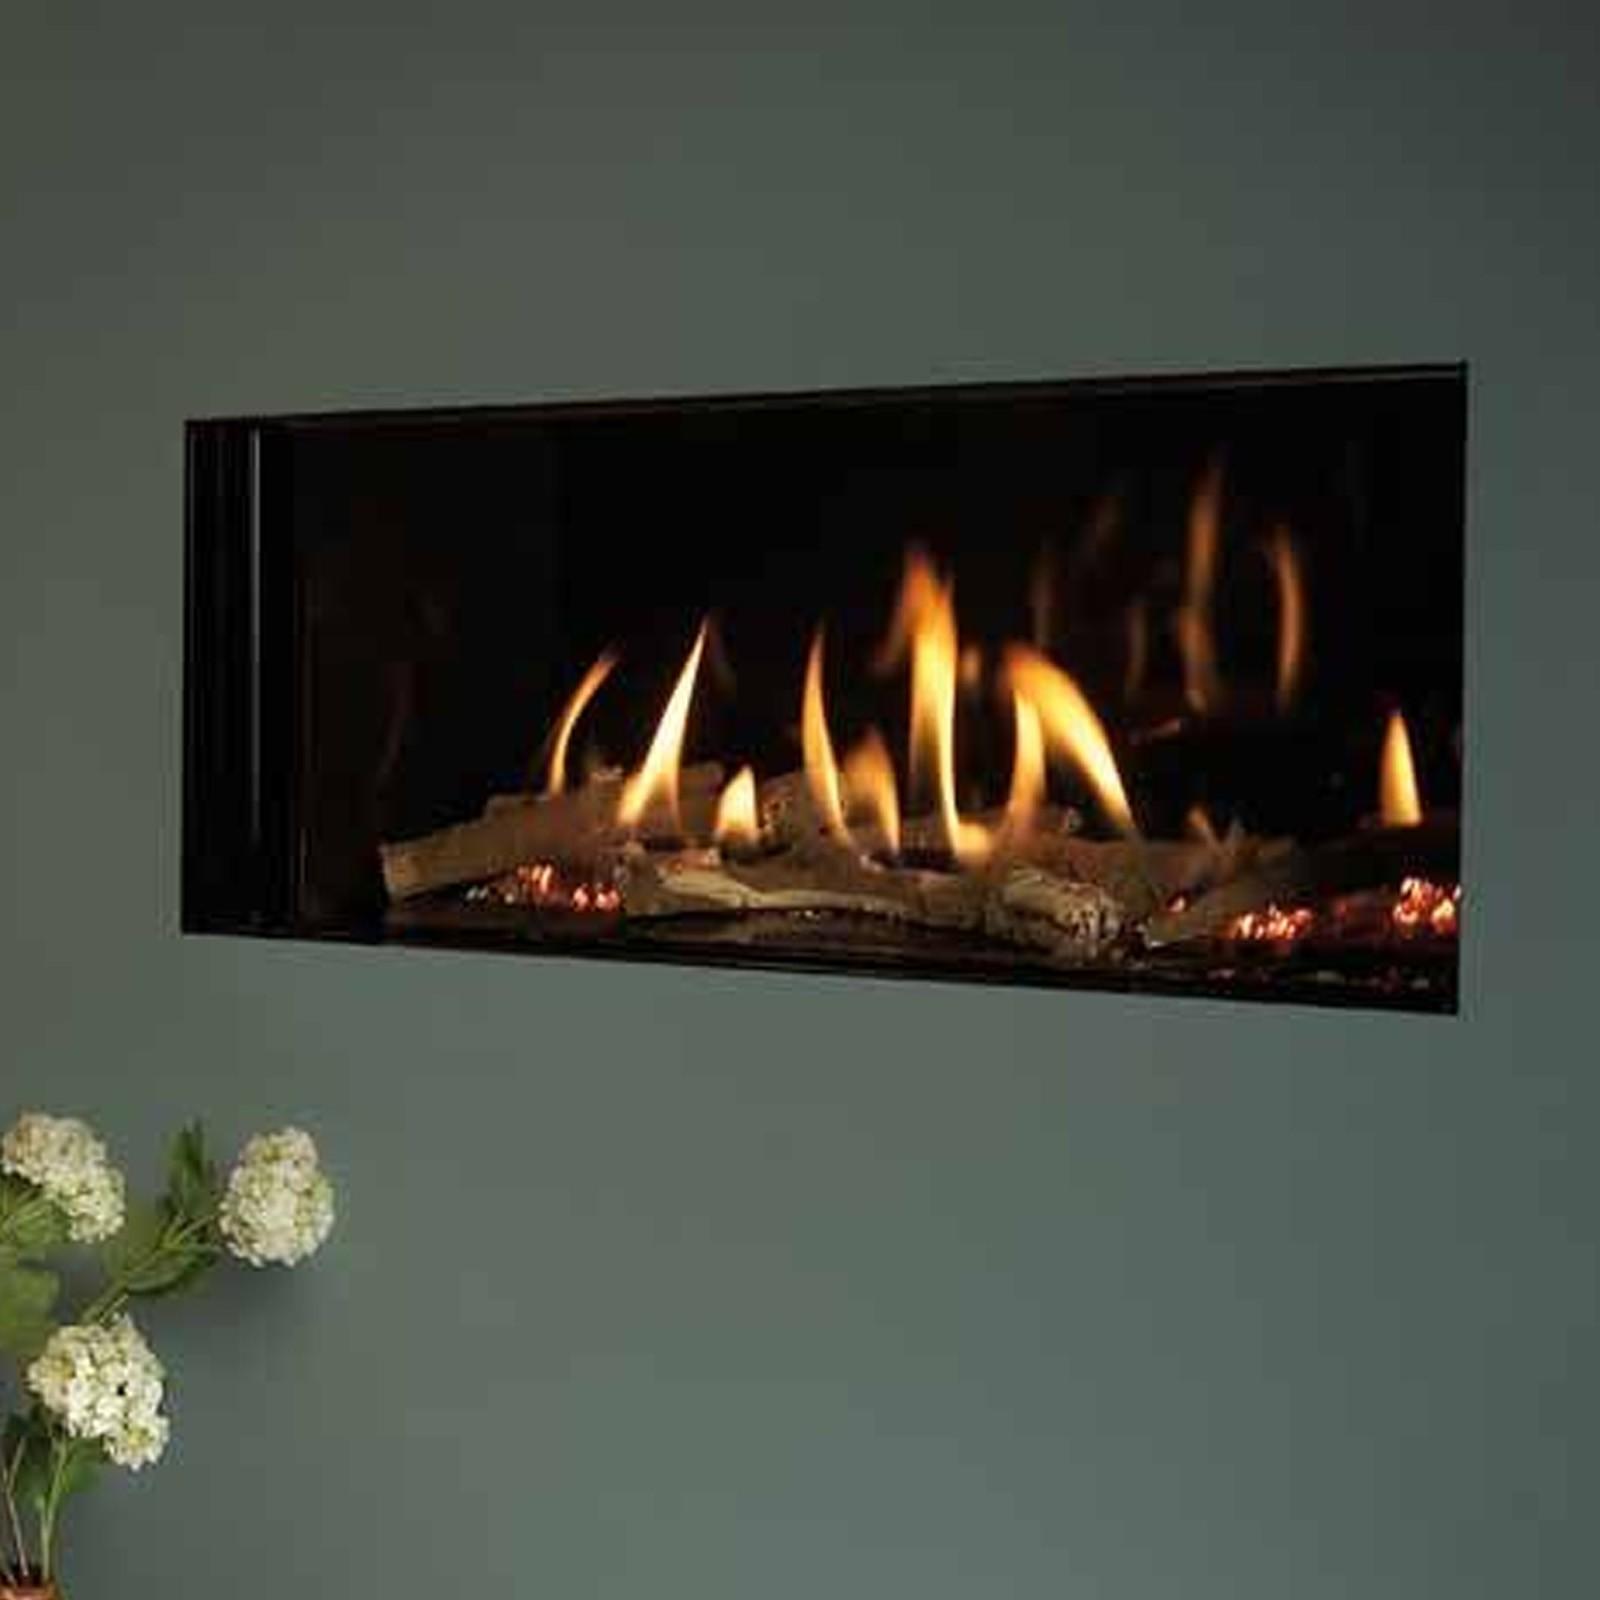 Gas fireplace pilot light